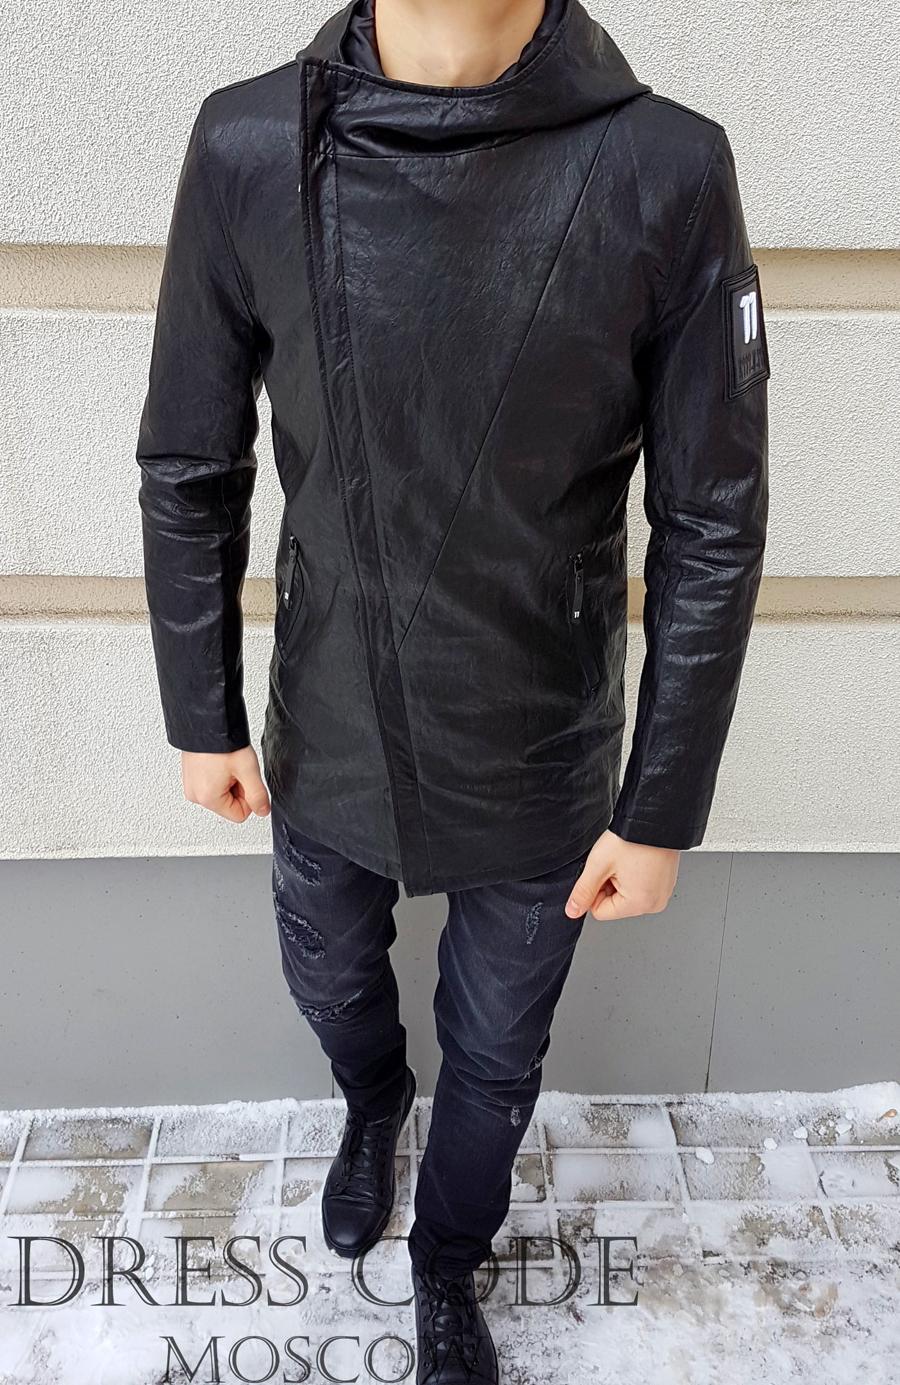 Dress одежда Москва